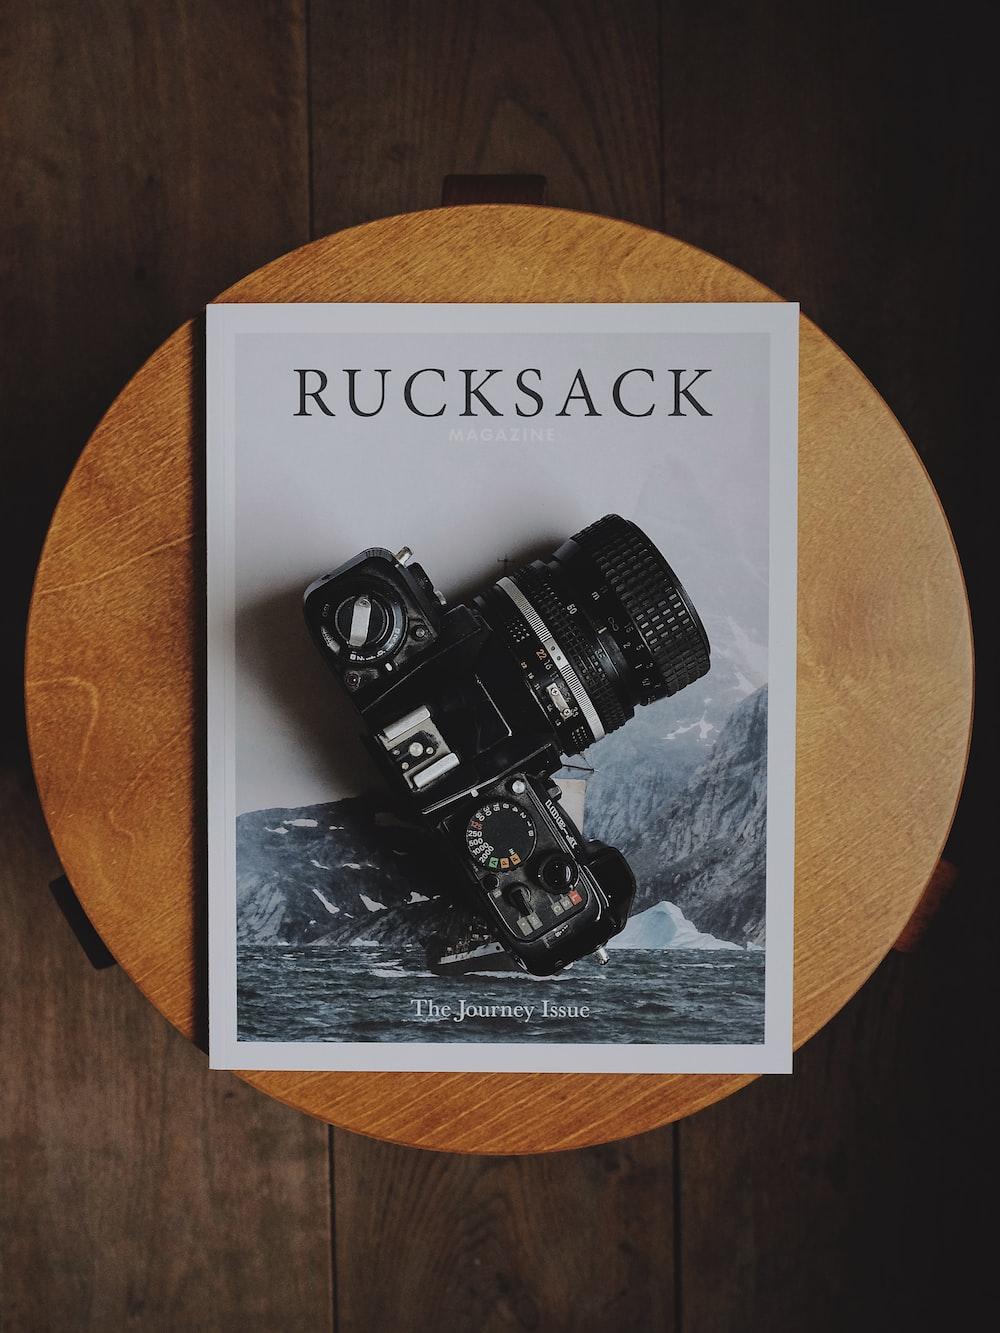 black DSLR camera on Rucksack book